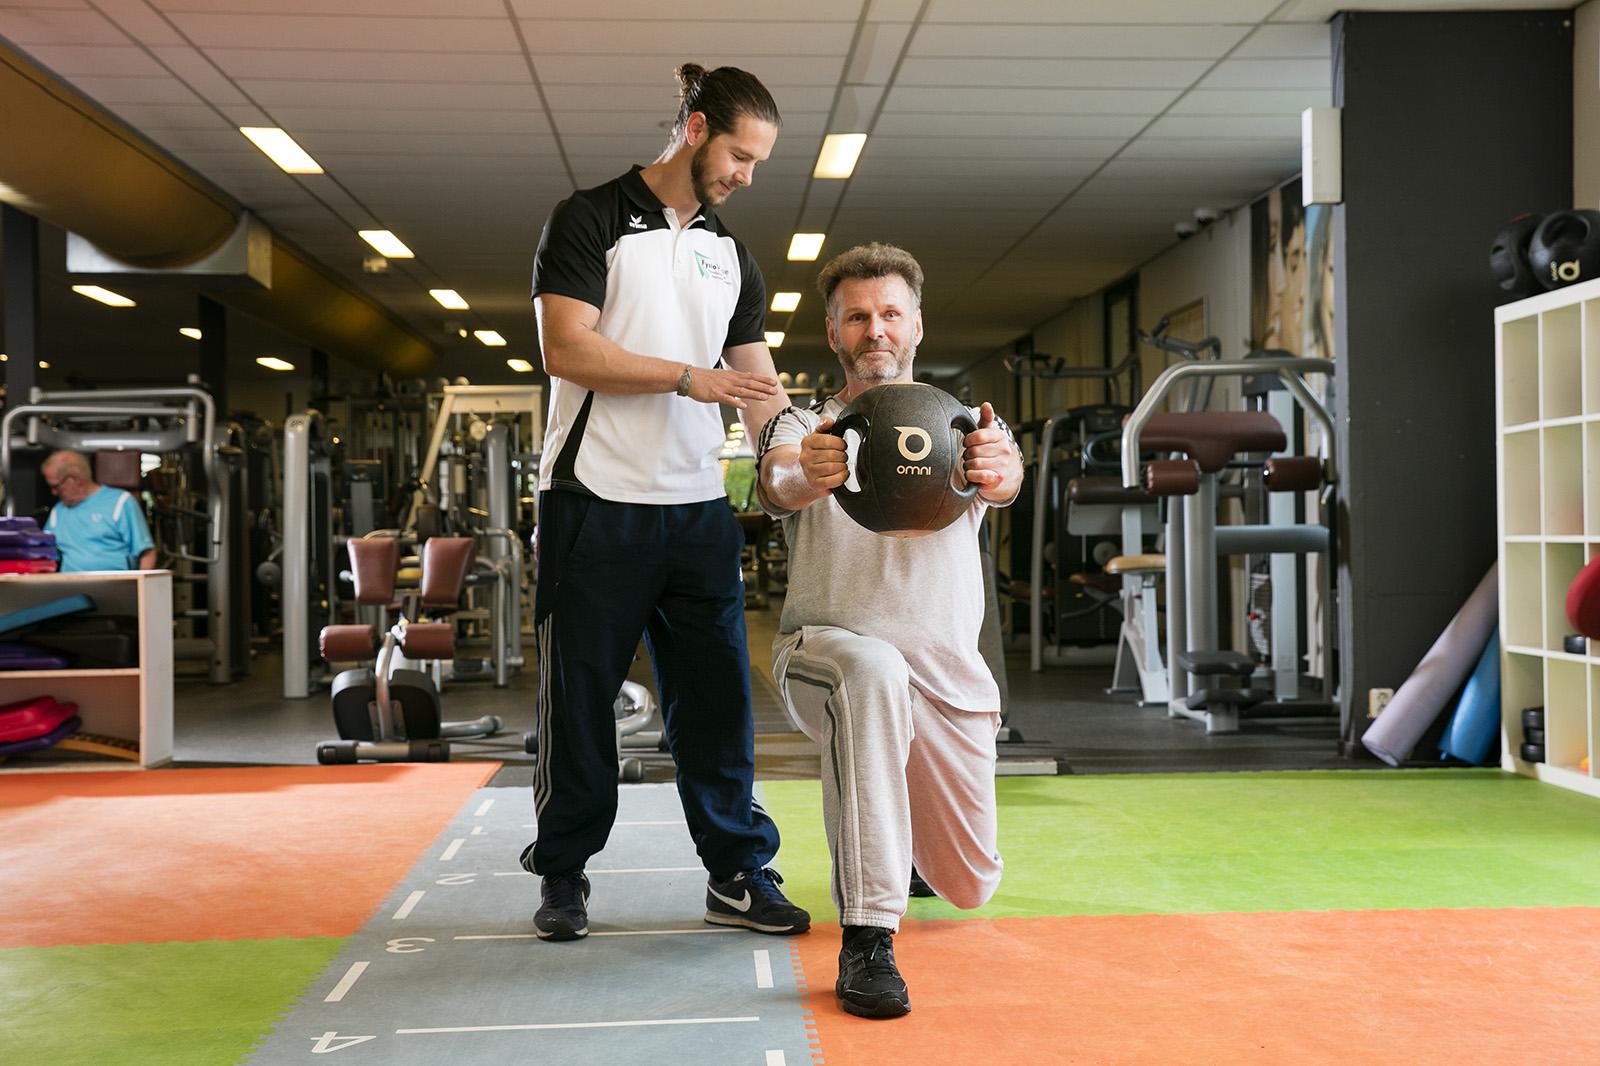 Foto van Michel Sleijpen met patient in behandelzaal met trainingsbal